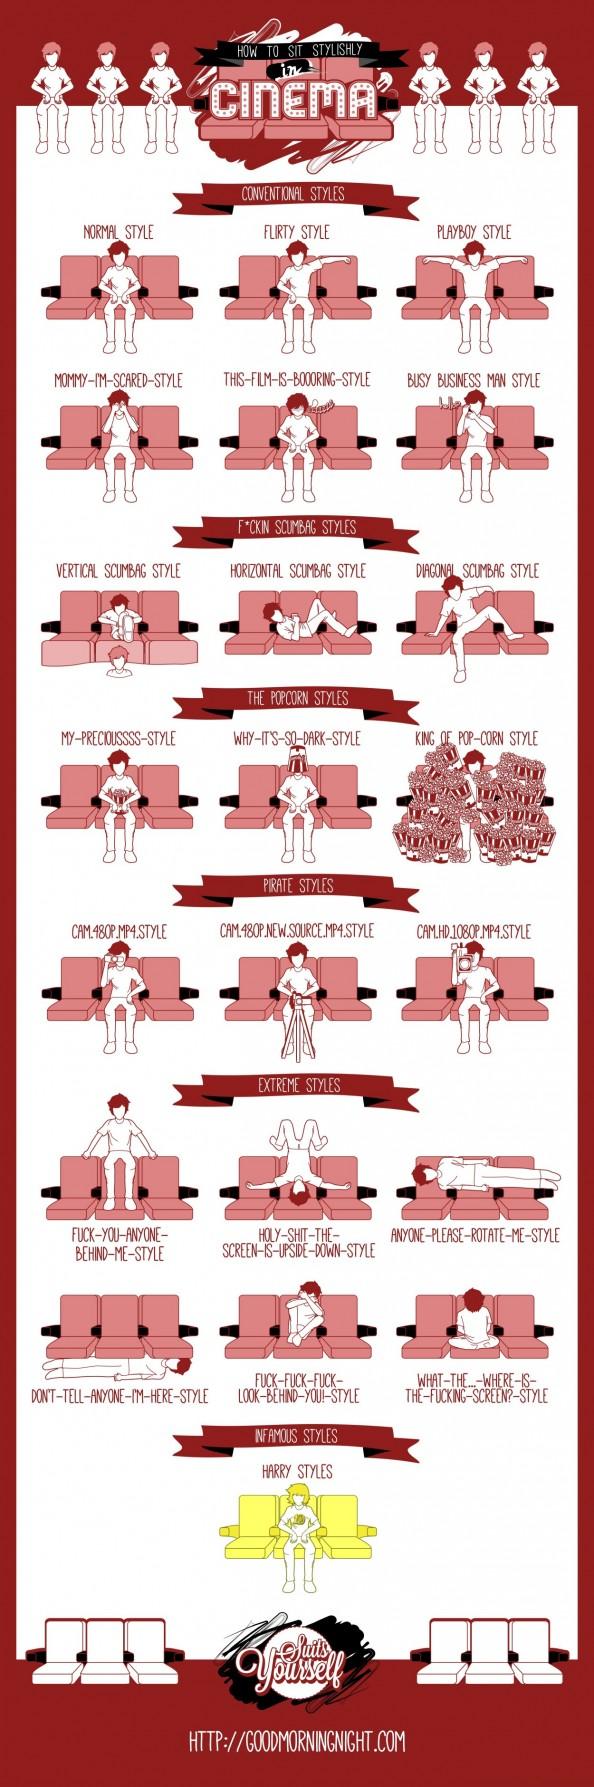 #infografia Cómo sentarse con estilo en un cine | How To Sit Stylishly In Cinema #Infographic